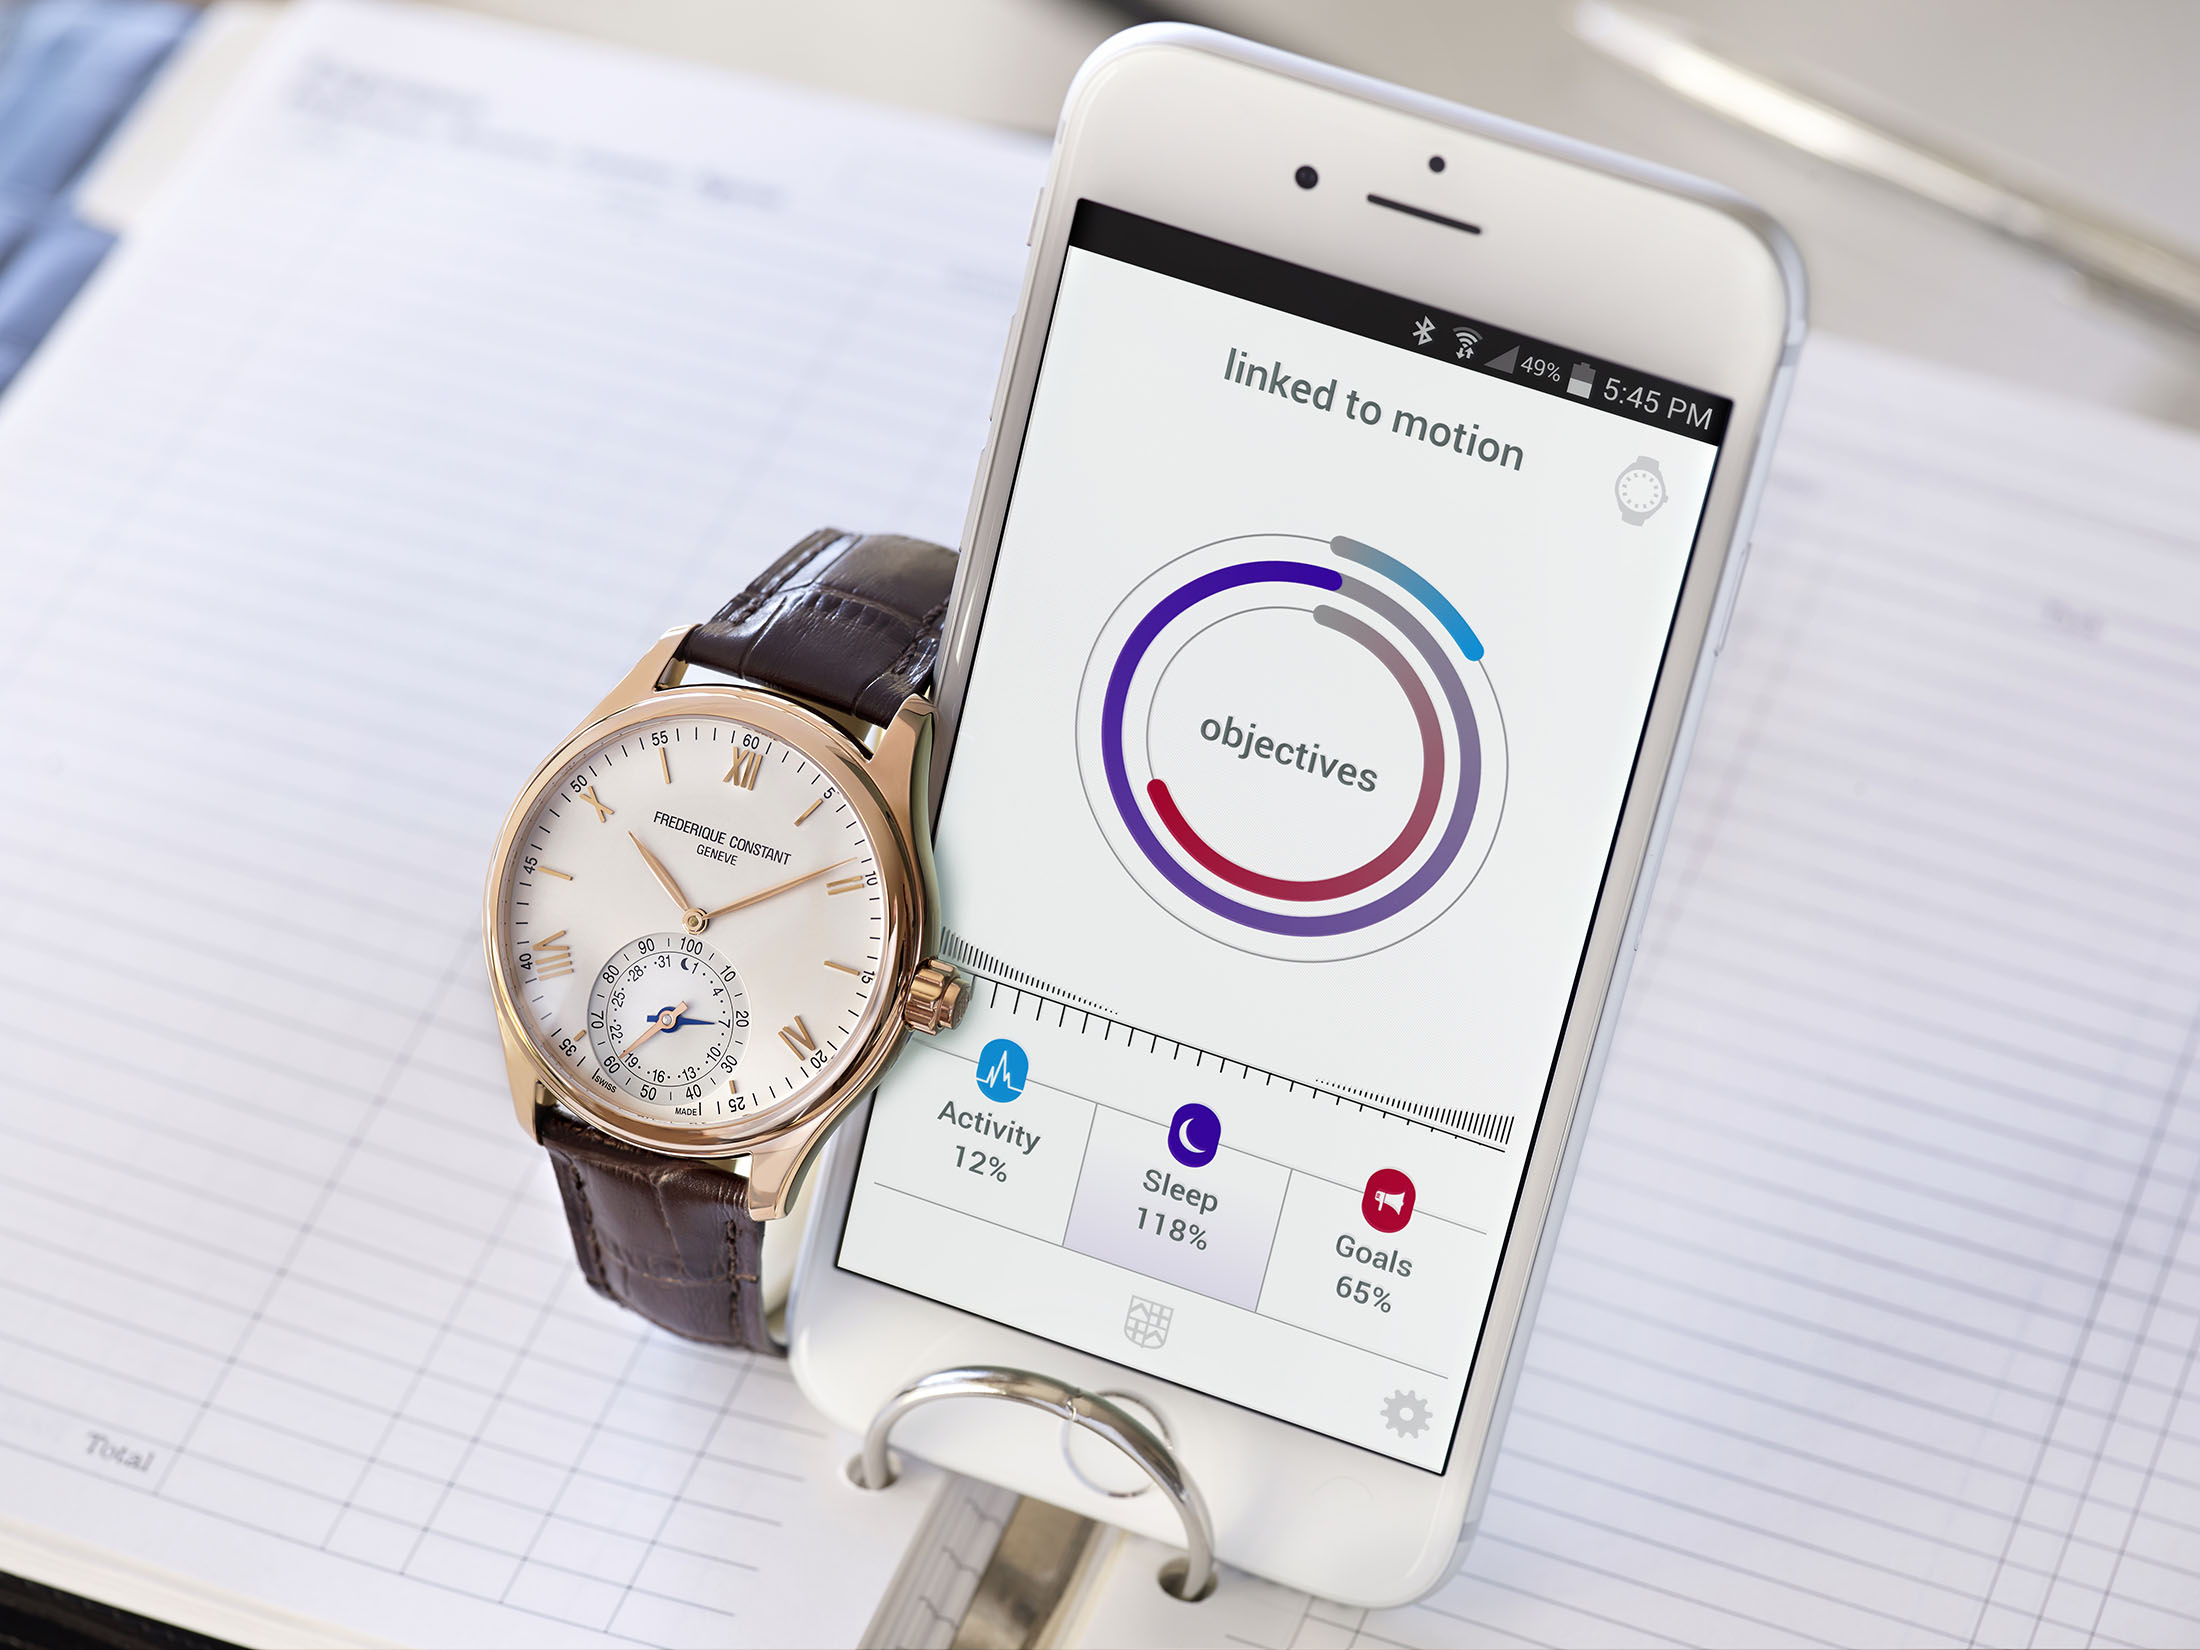 frederique-constant-smartwatch-01